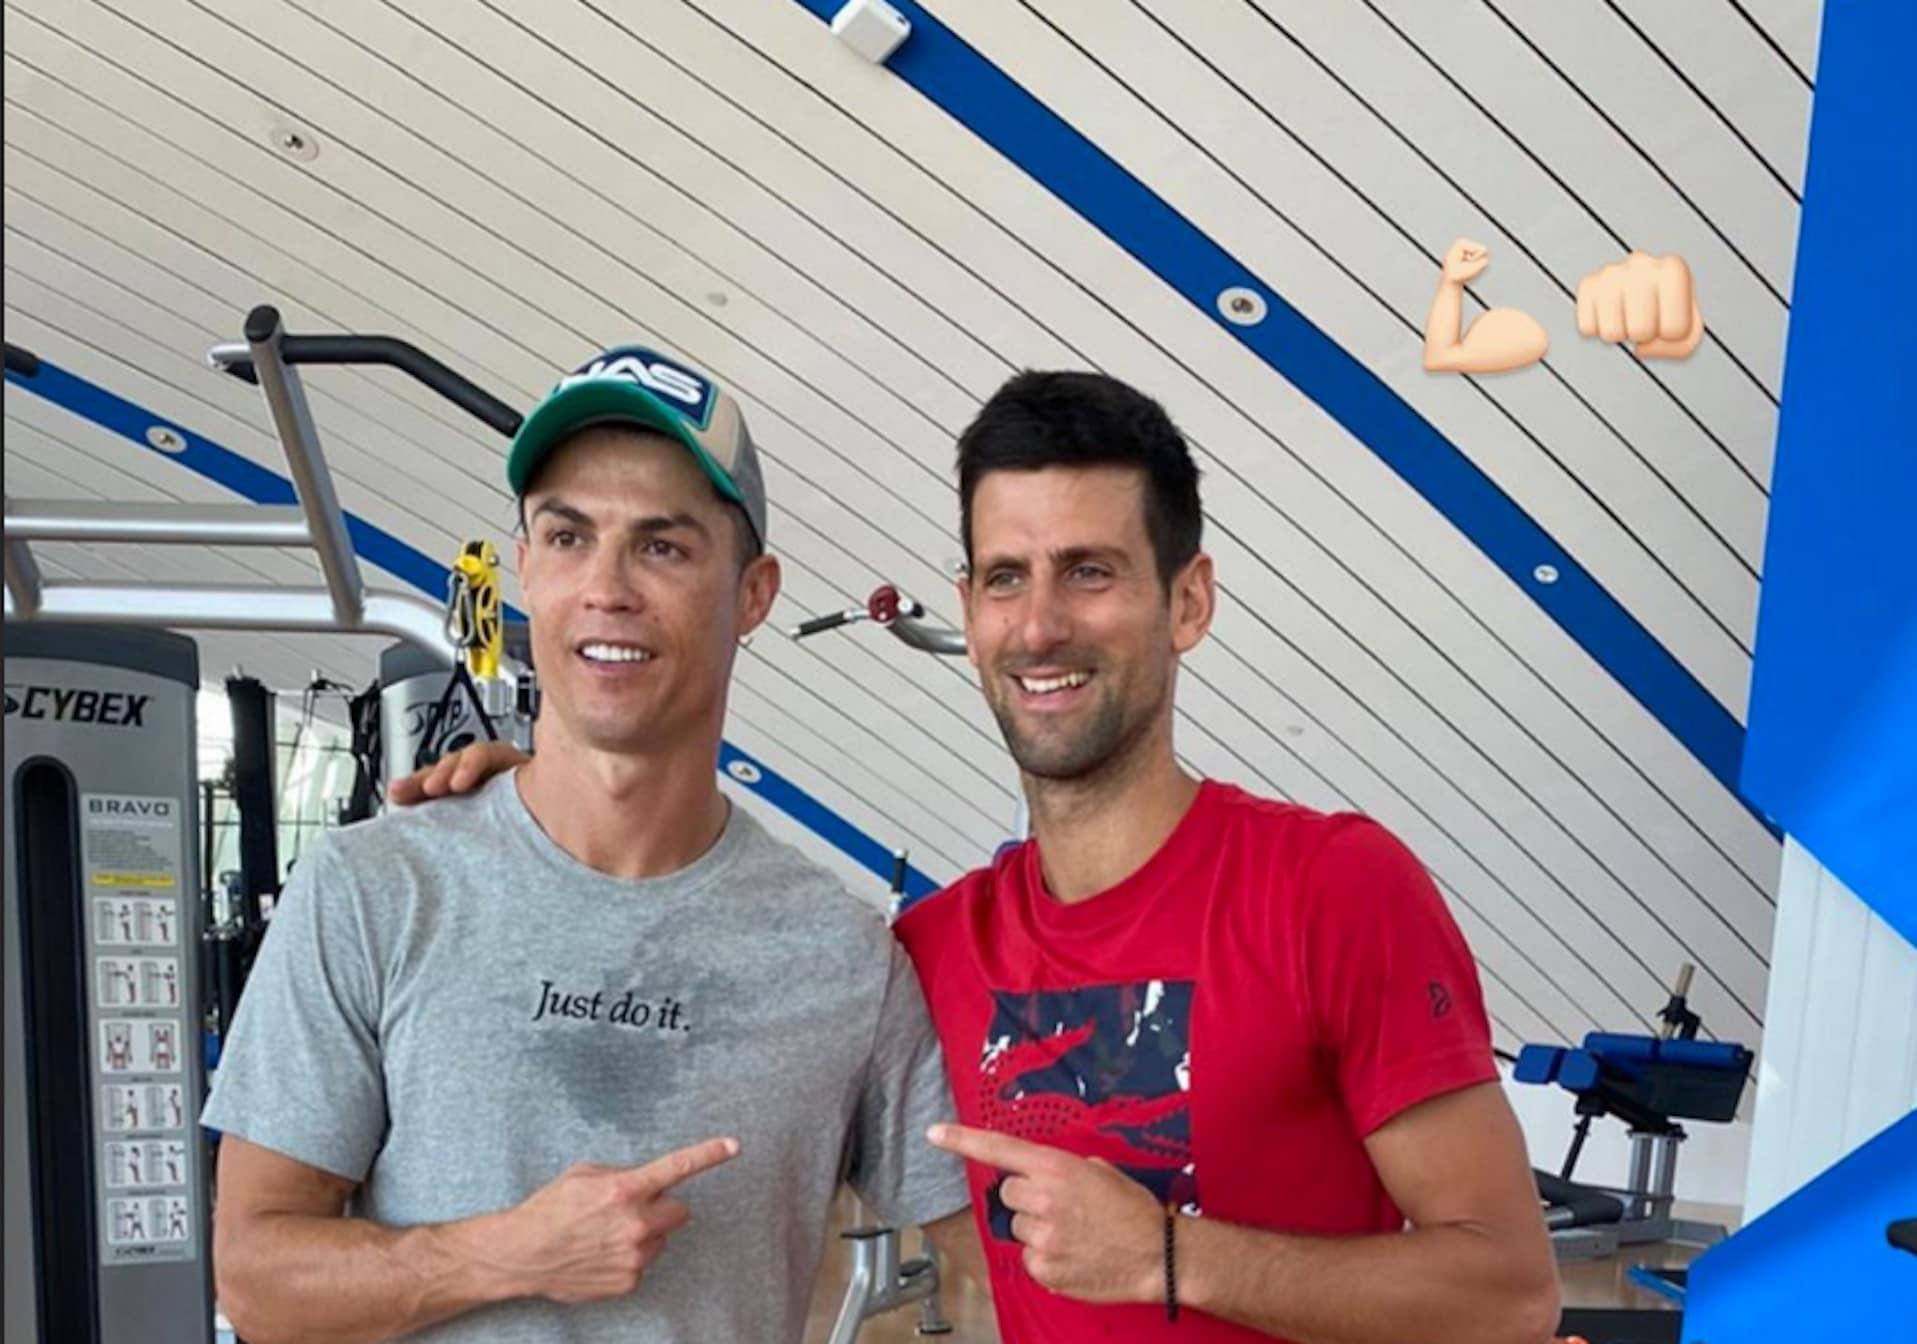 Cristiano Ronaldo sfida Djokovic: chi colpisce più in alto?